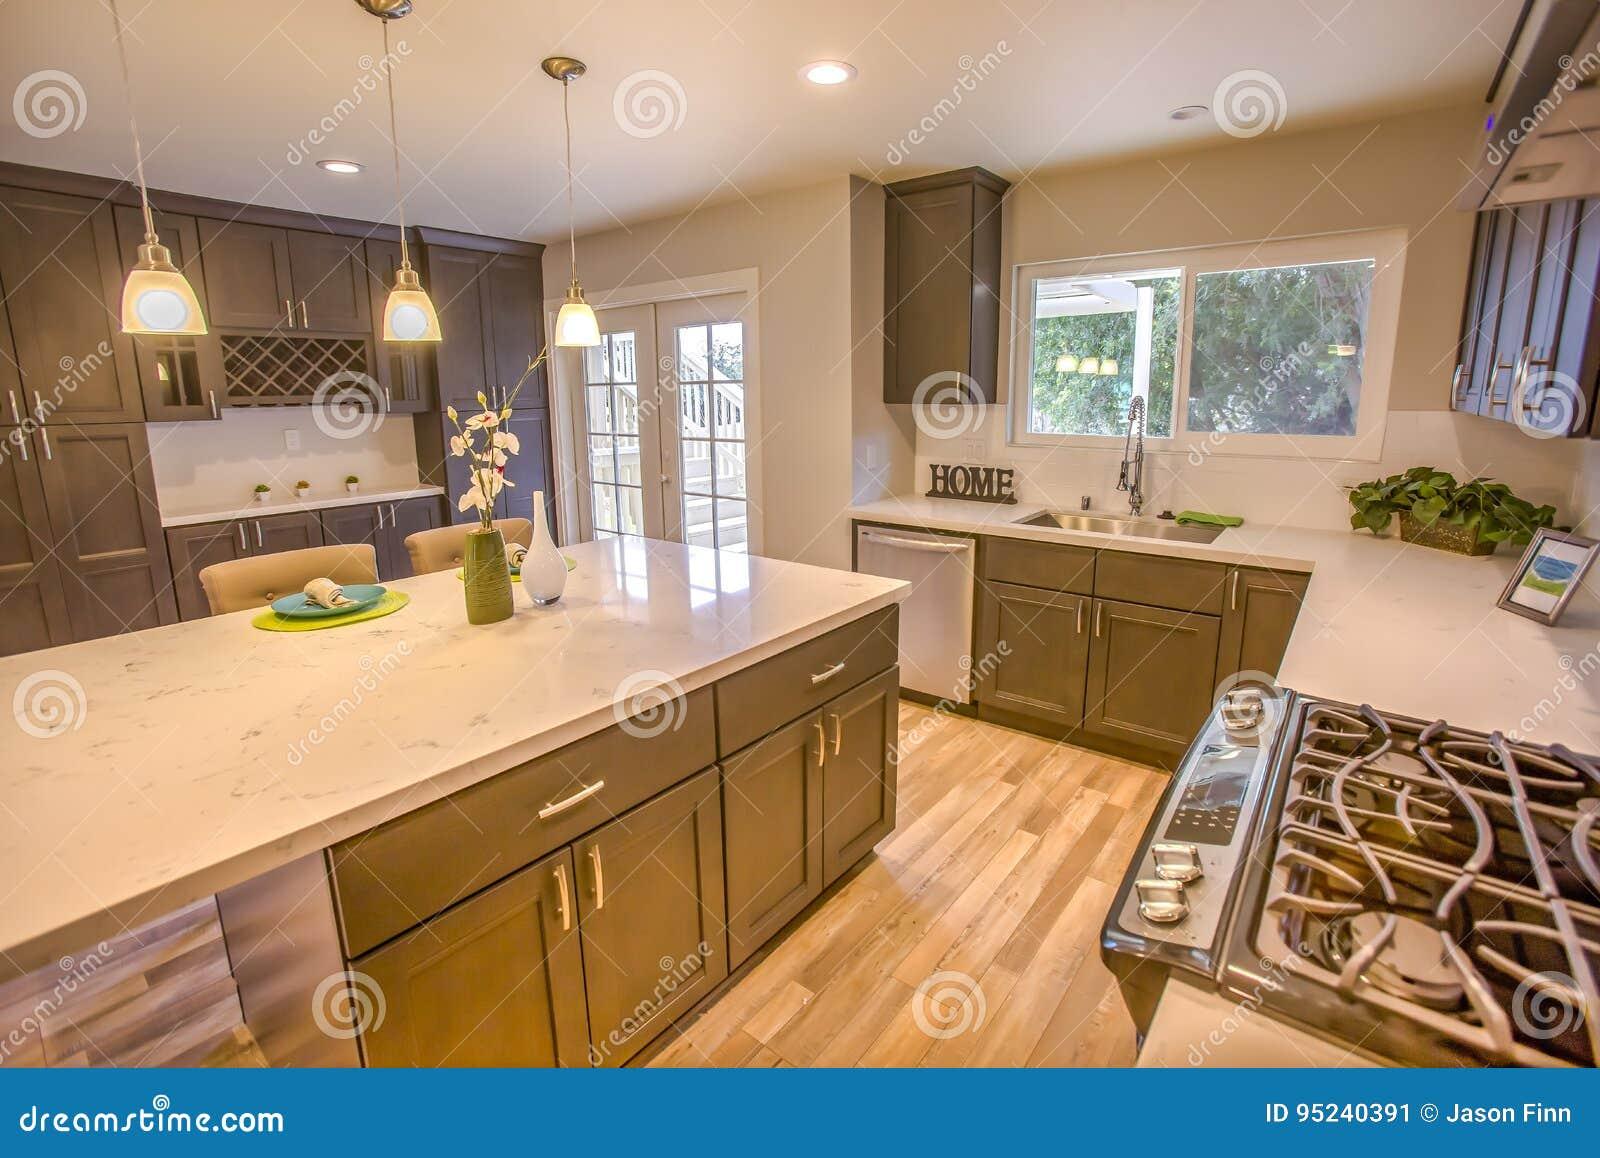 Cozinha Limpa Moderna Na Casa Modelo Do Conceito Aberto Em San Diego  -> Fotos De Cozinha Conceito Aberto